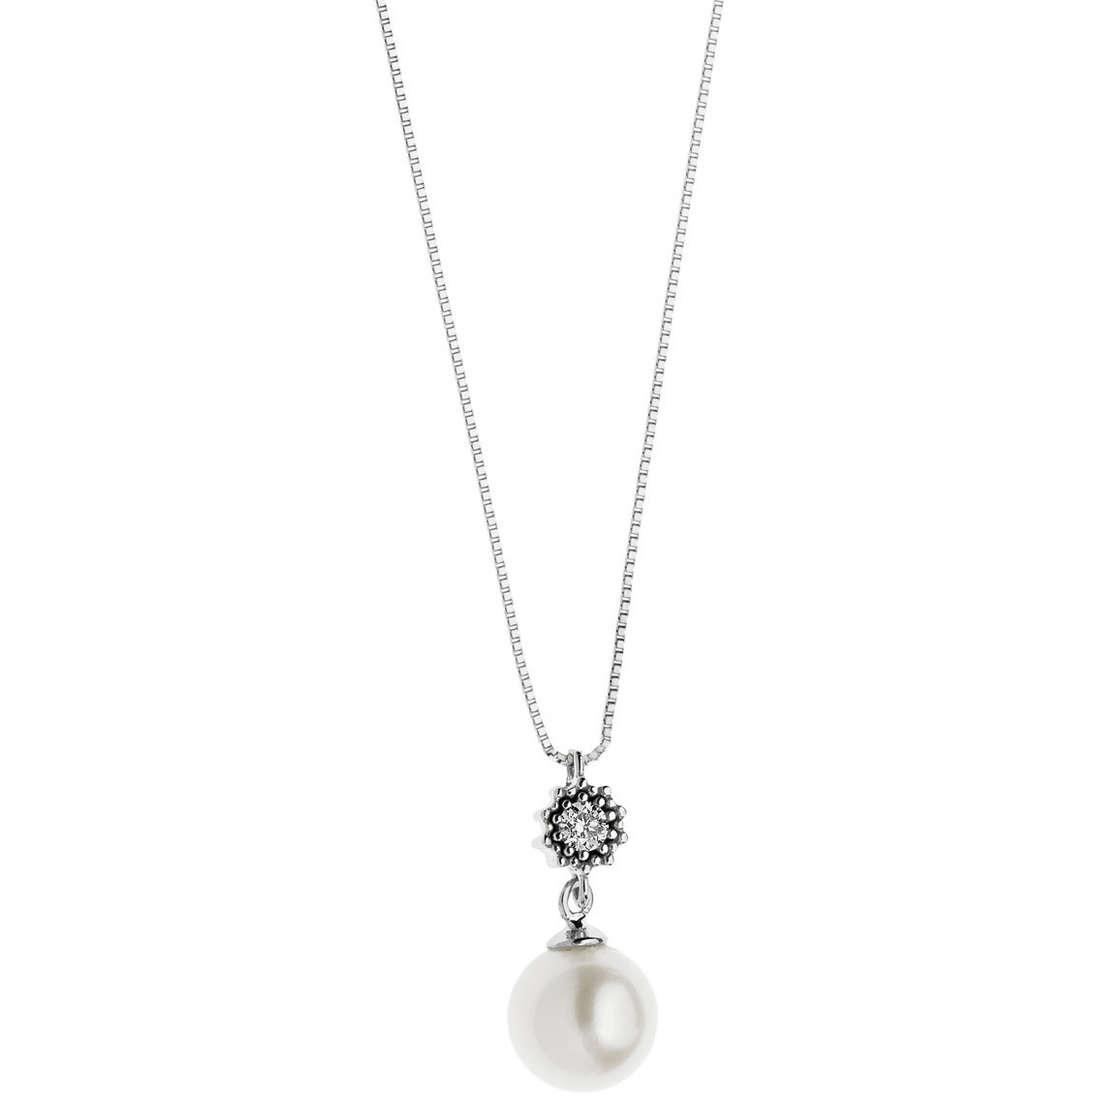 collana donna gioielli Comete Fantasie di diamanti GLP 447